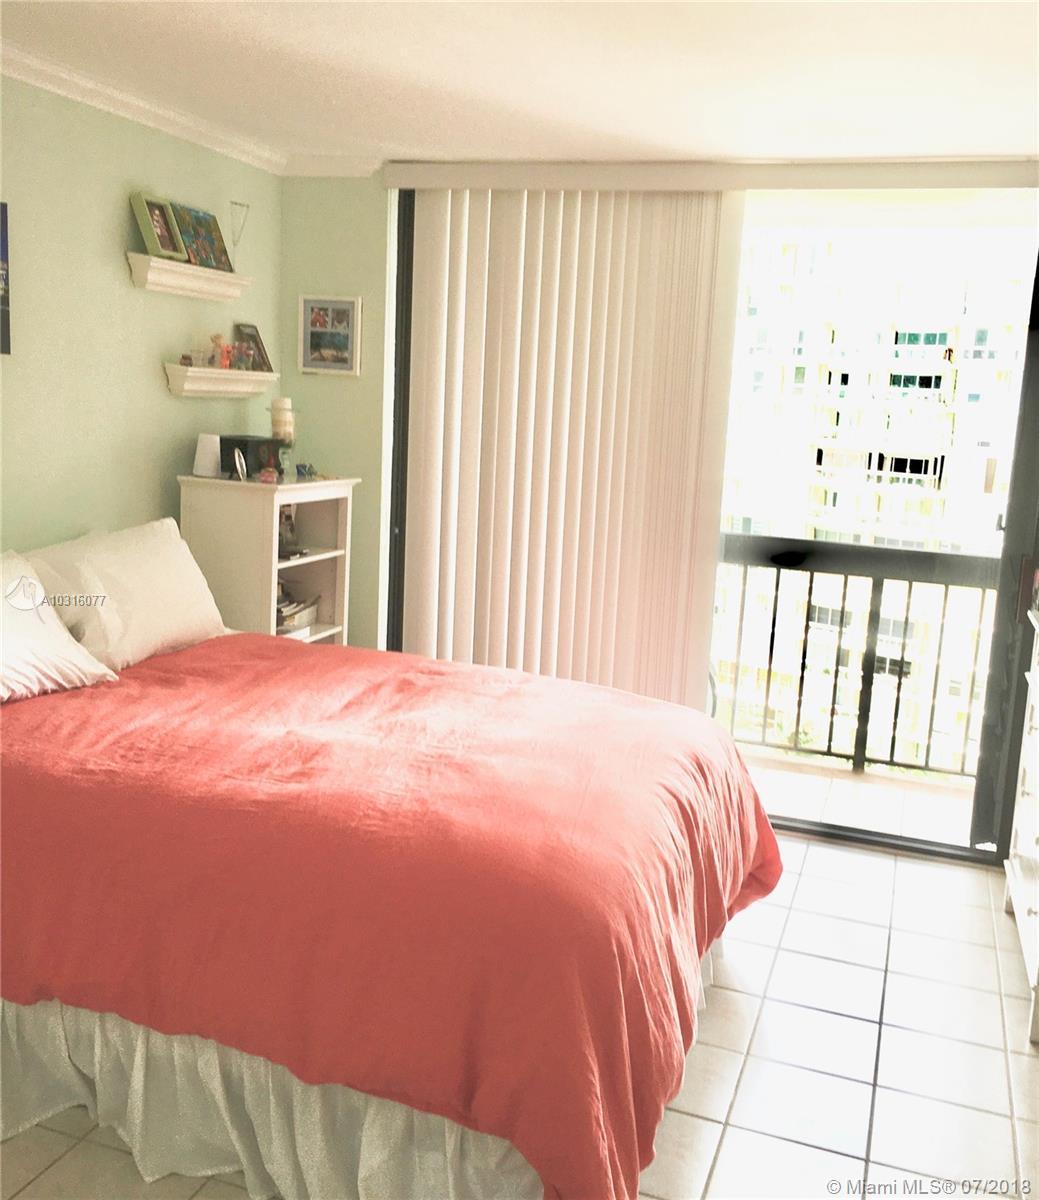 2333 Brickell Avenue, Miami Fl 33129, Brickell Bay Club #1104, Brickell, Miami A10316077 image #12